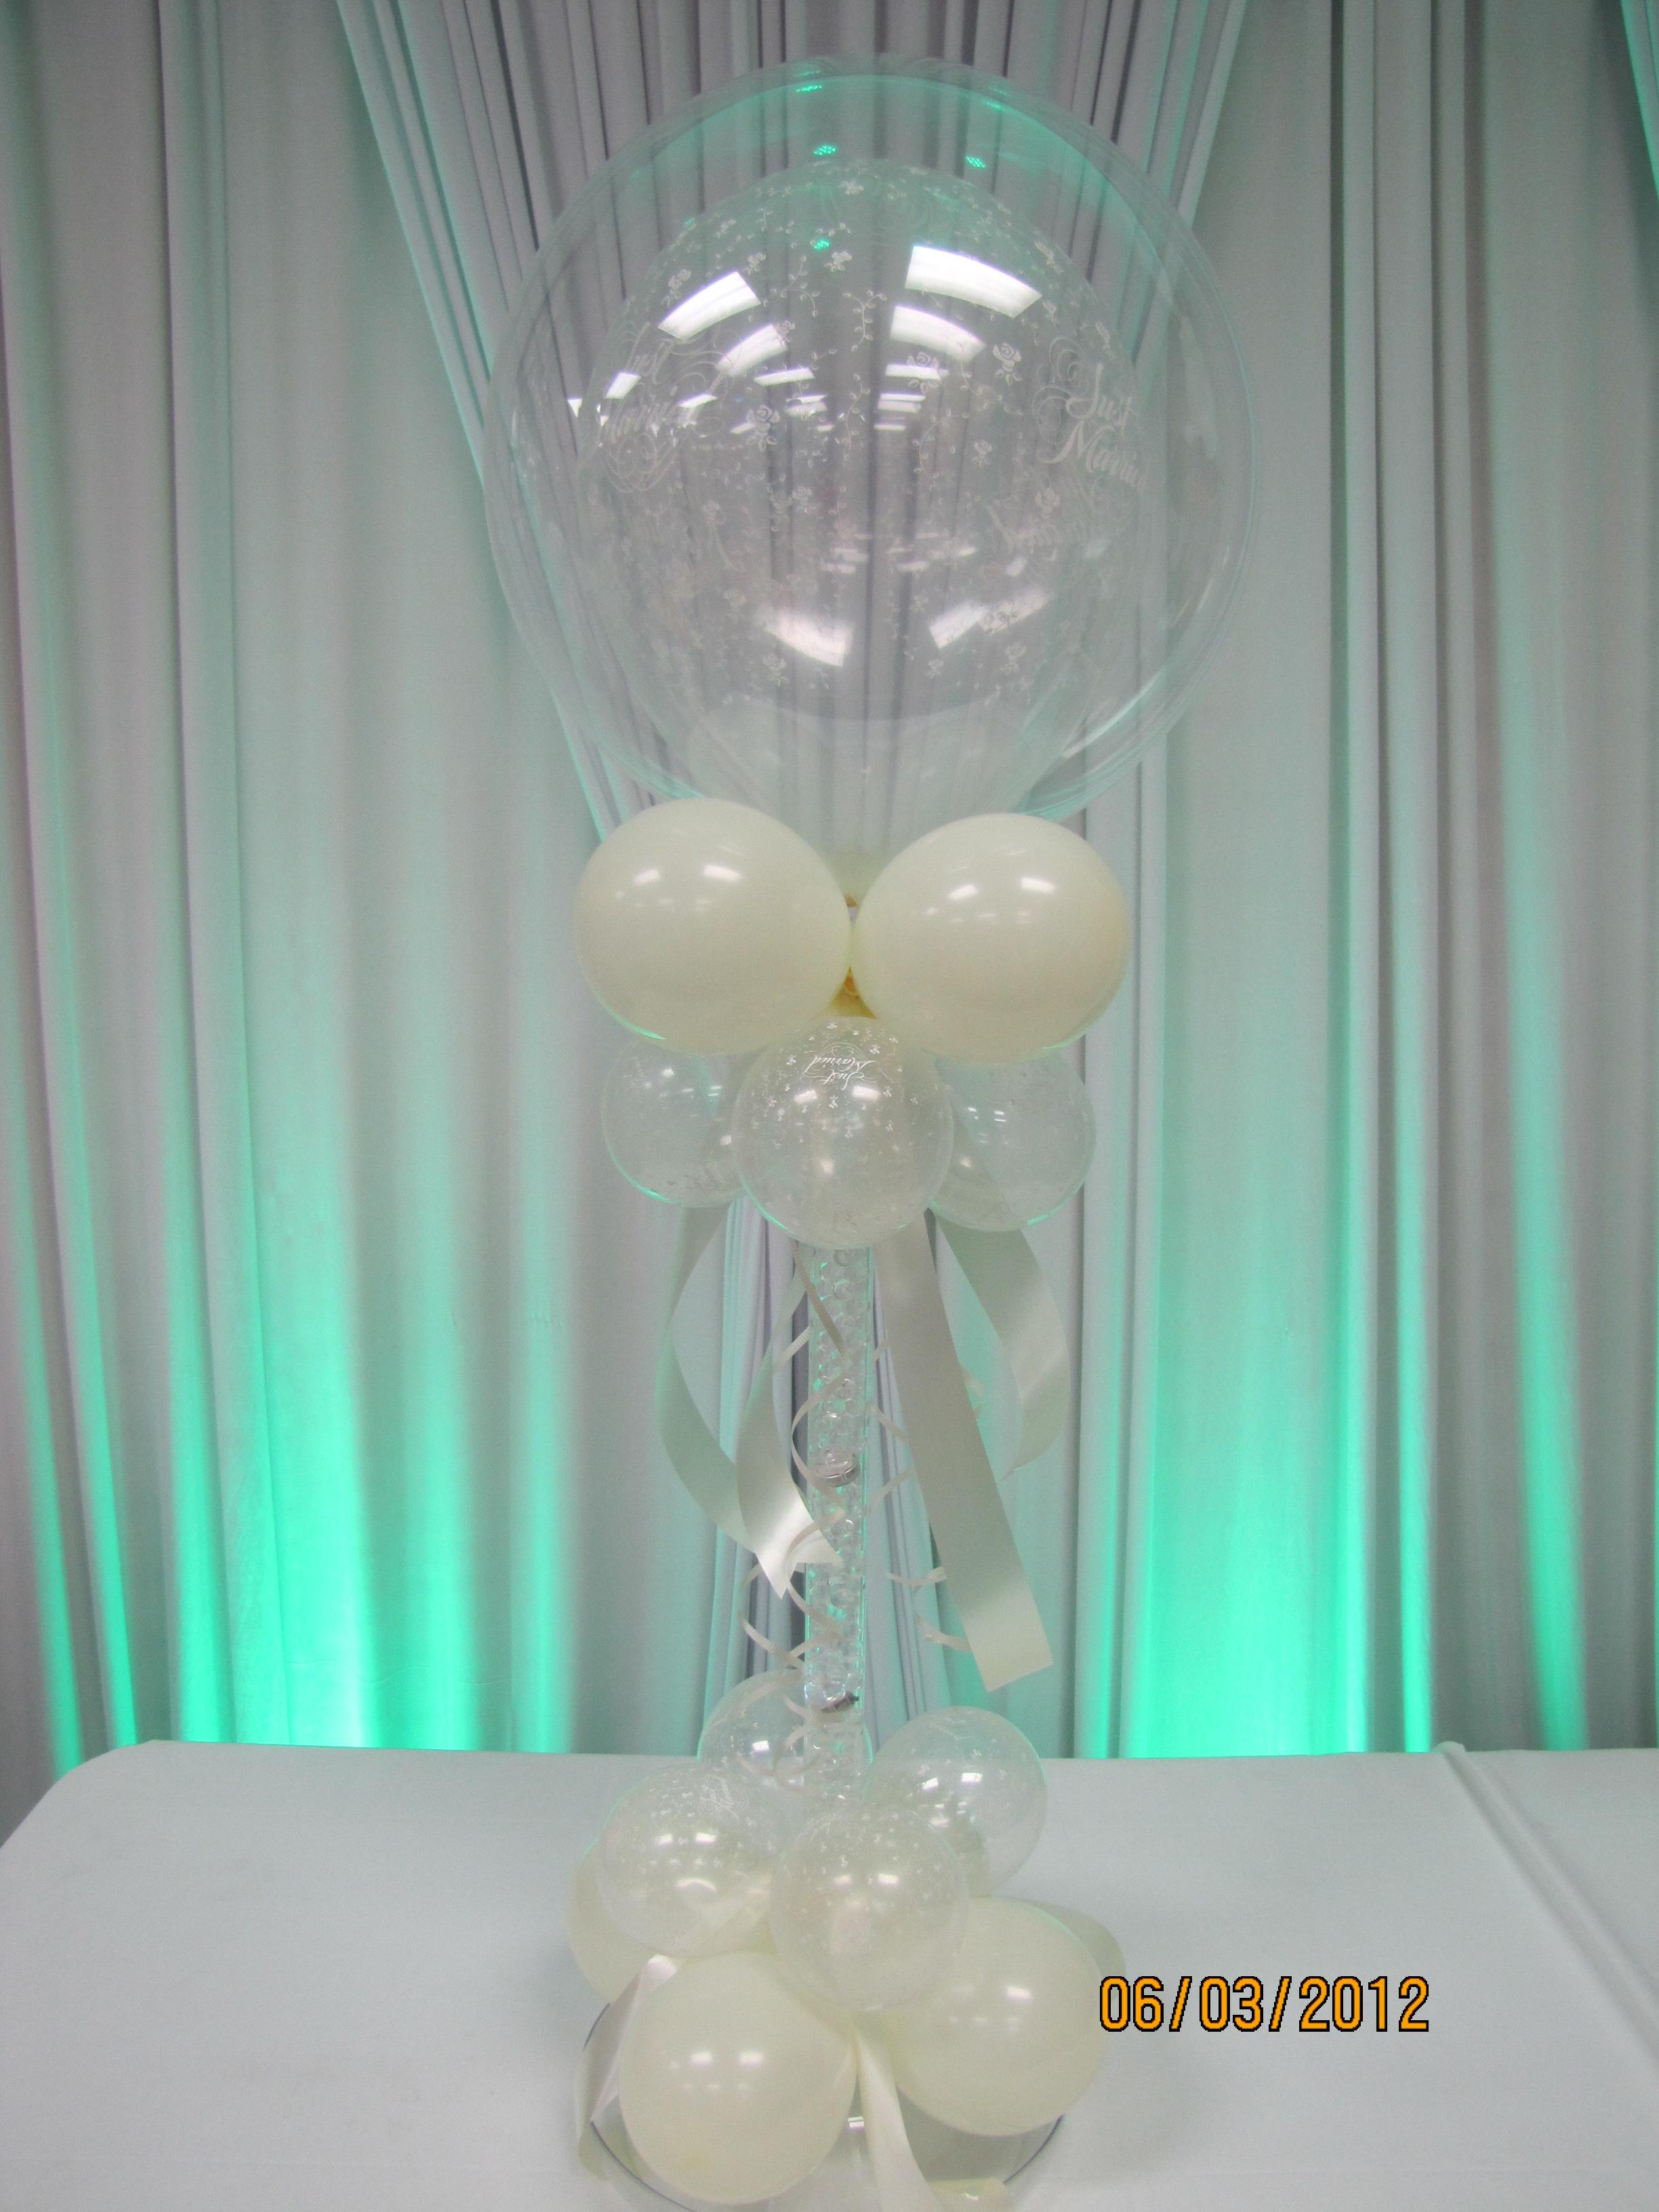 Dyer indiana balloons amytheballoonlady